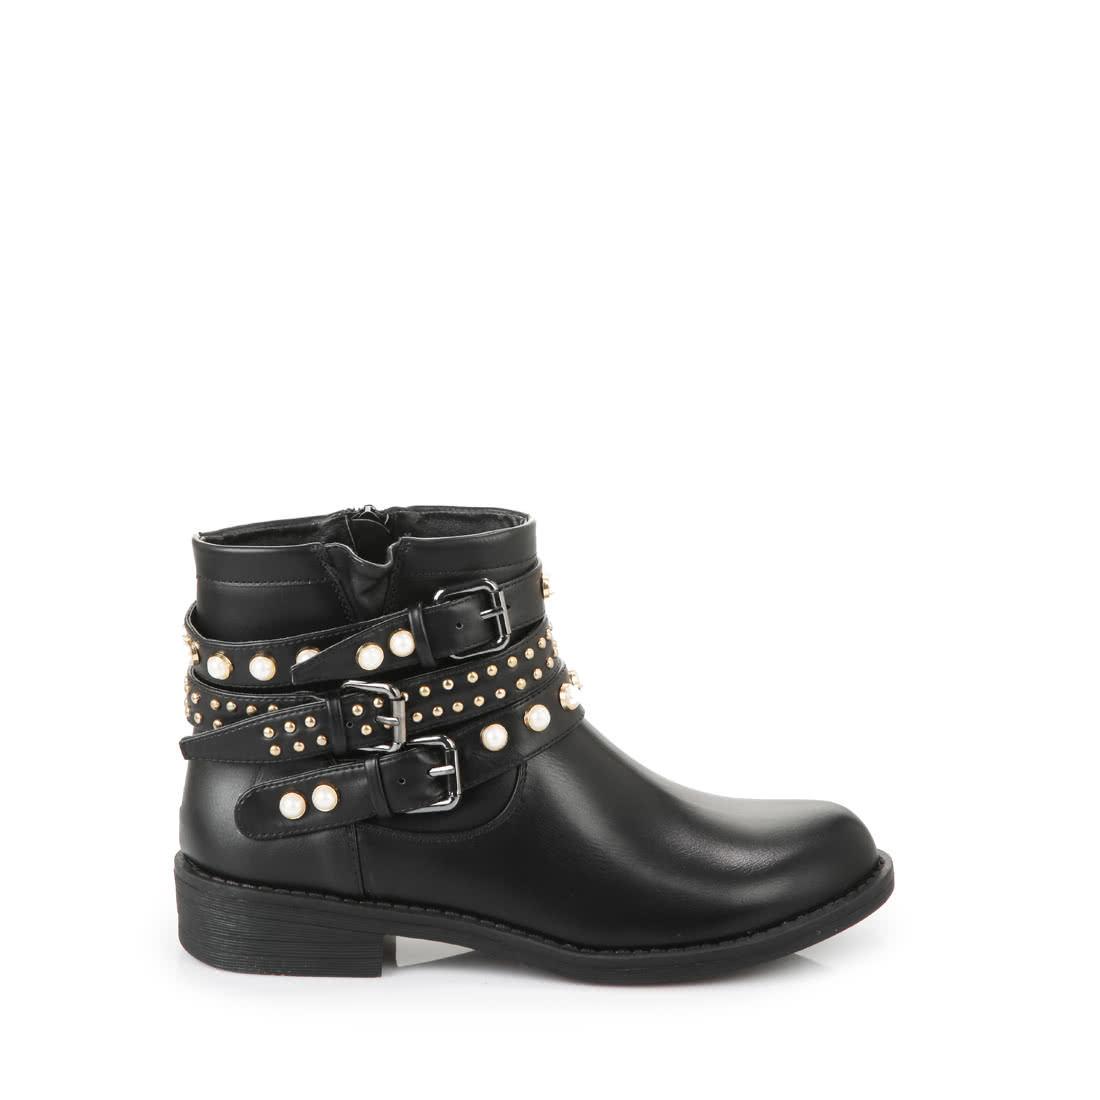 Vereinigte Staaten großer Rabatt auf Füßen Aufnahmen von Buffalo Booties in schwarz mit Perlen online kaufen | BUFFALO®